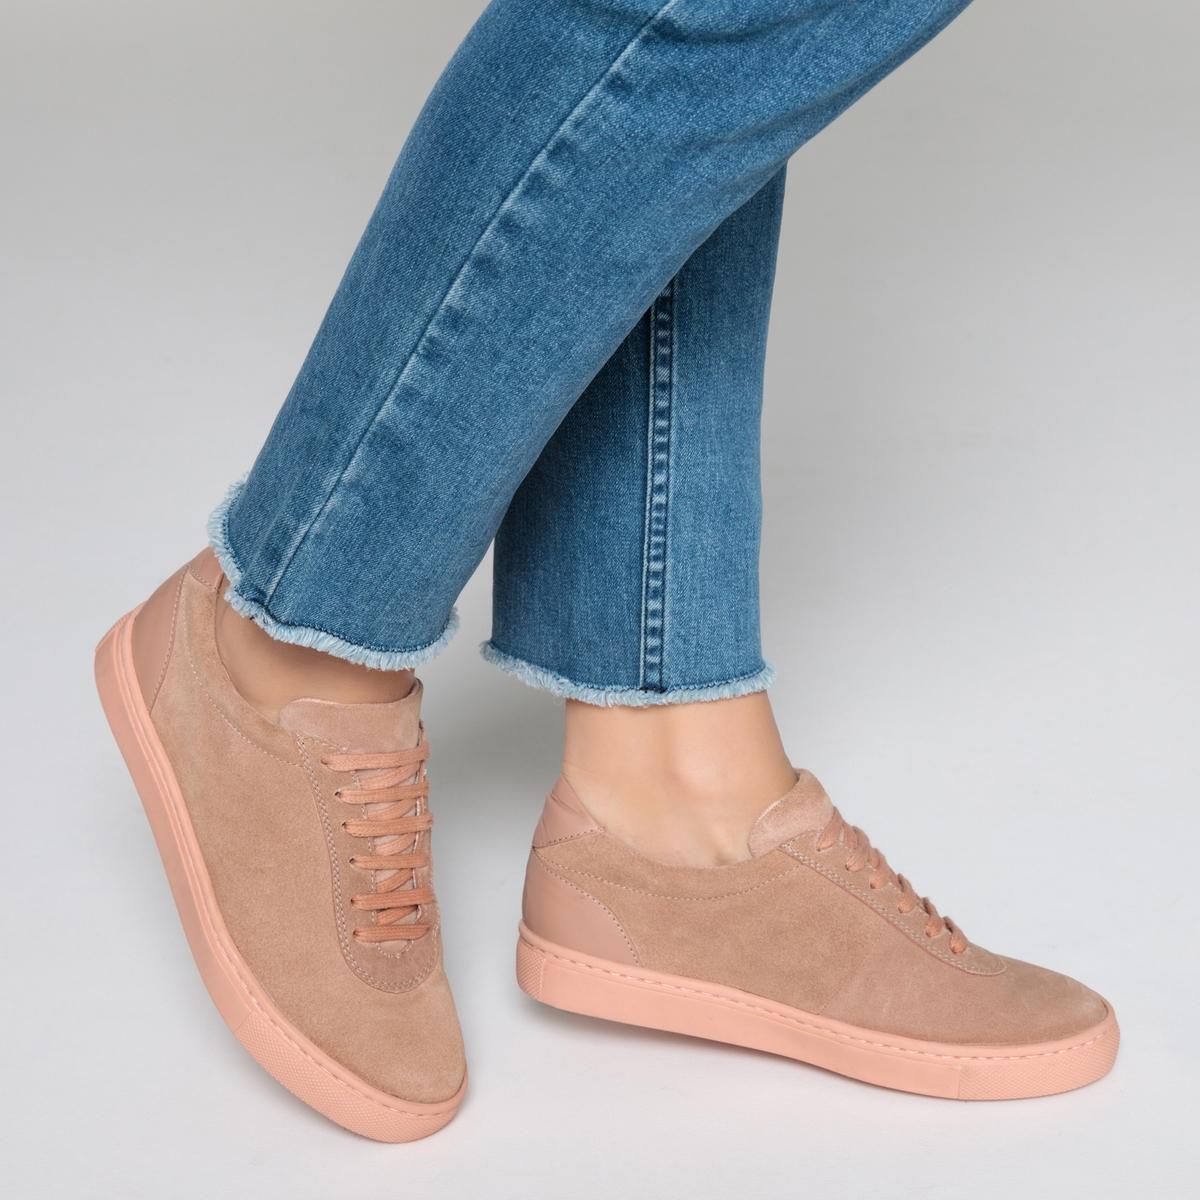 Zapatillas deportivas monocromas de piel